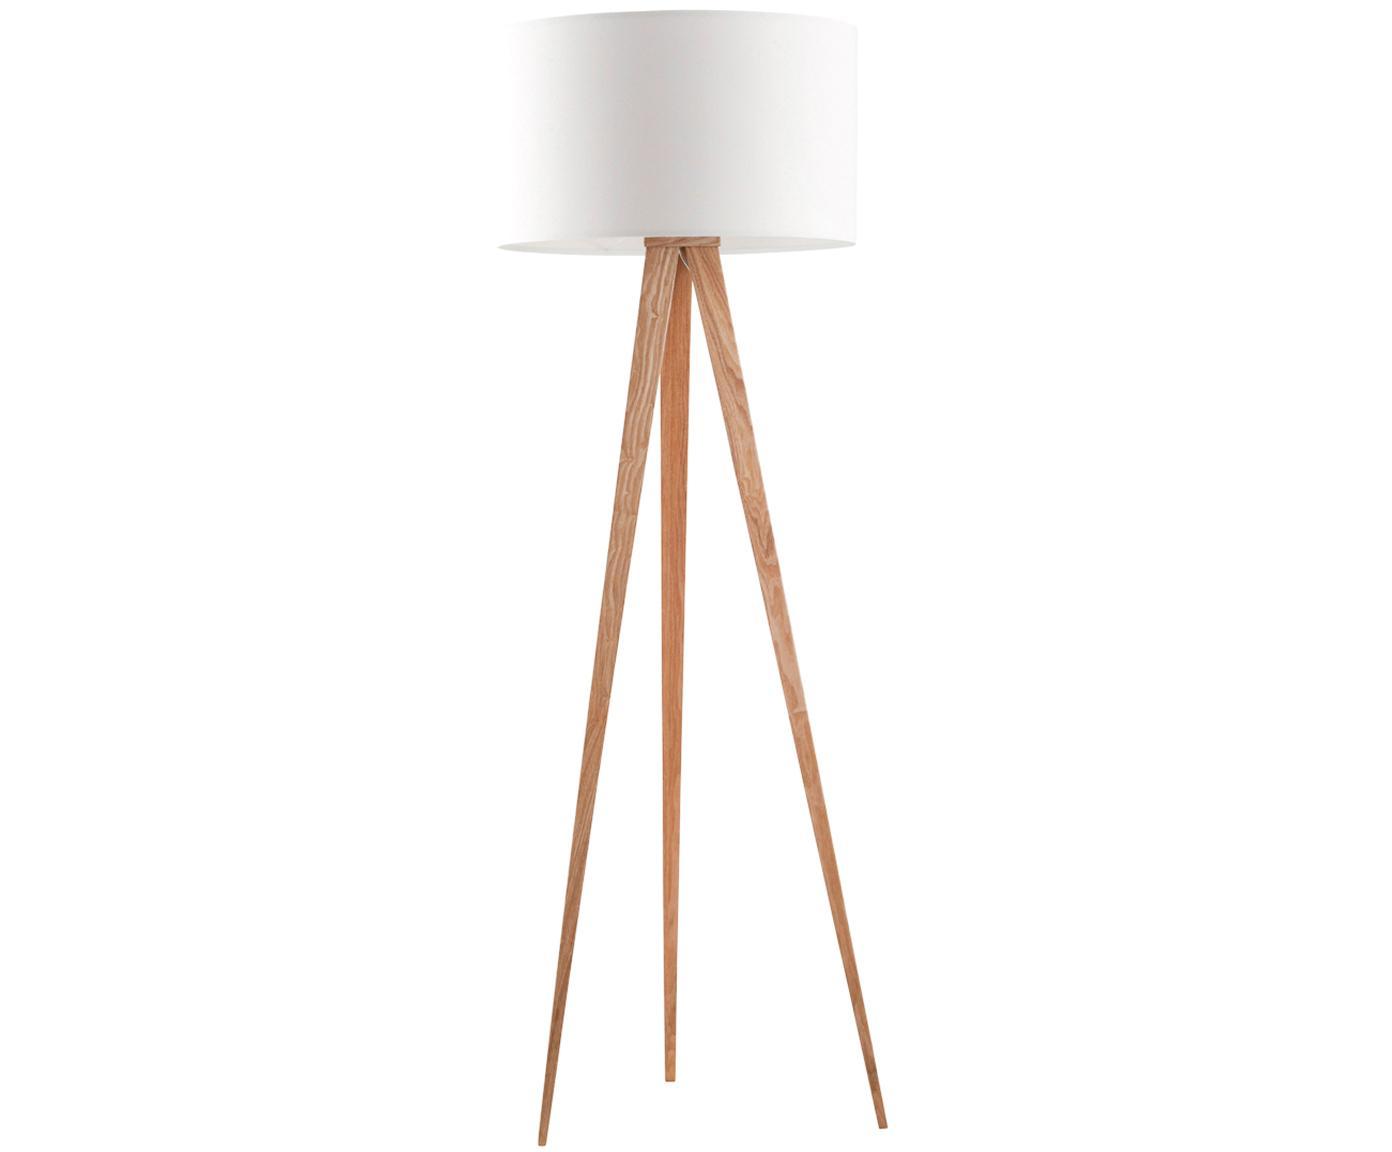 Lámpara de pie Tripod, Base de la lámpara: metal con chapa de roble, Pantalla: poliéster, Blanco, chapa de roble, Ø 50 x Al 157 cm